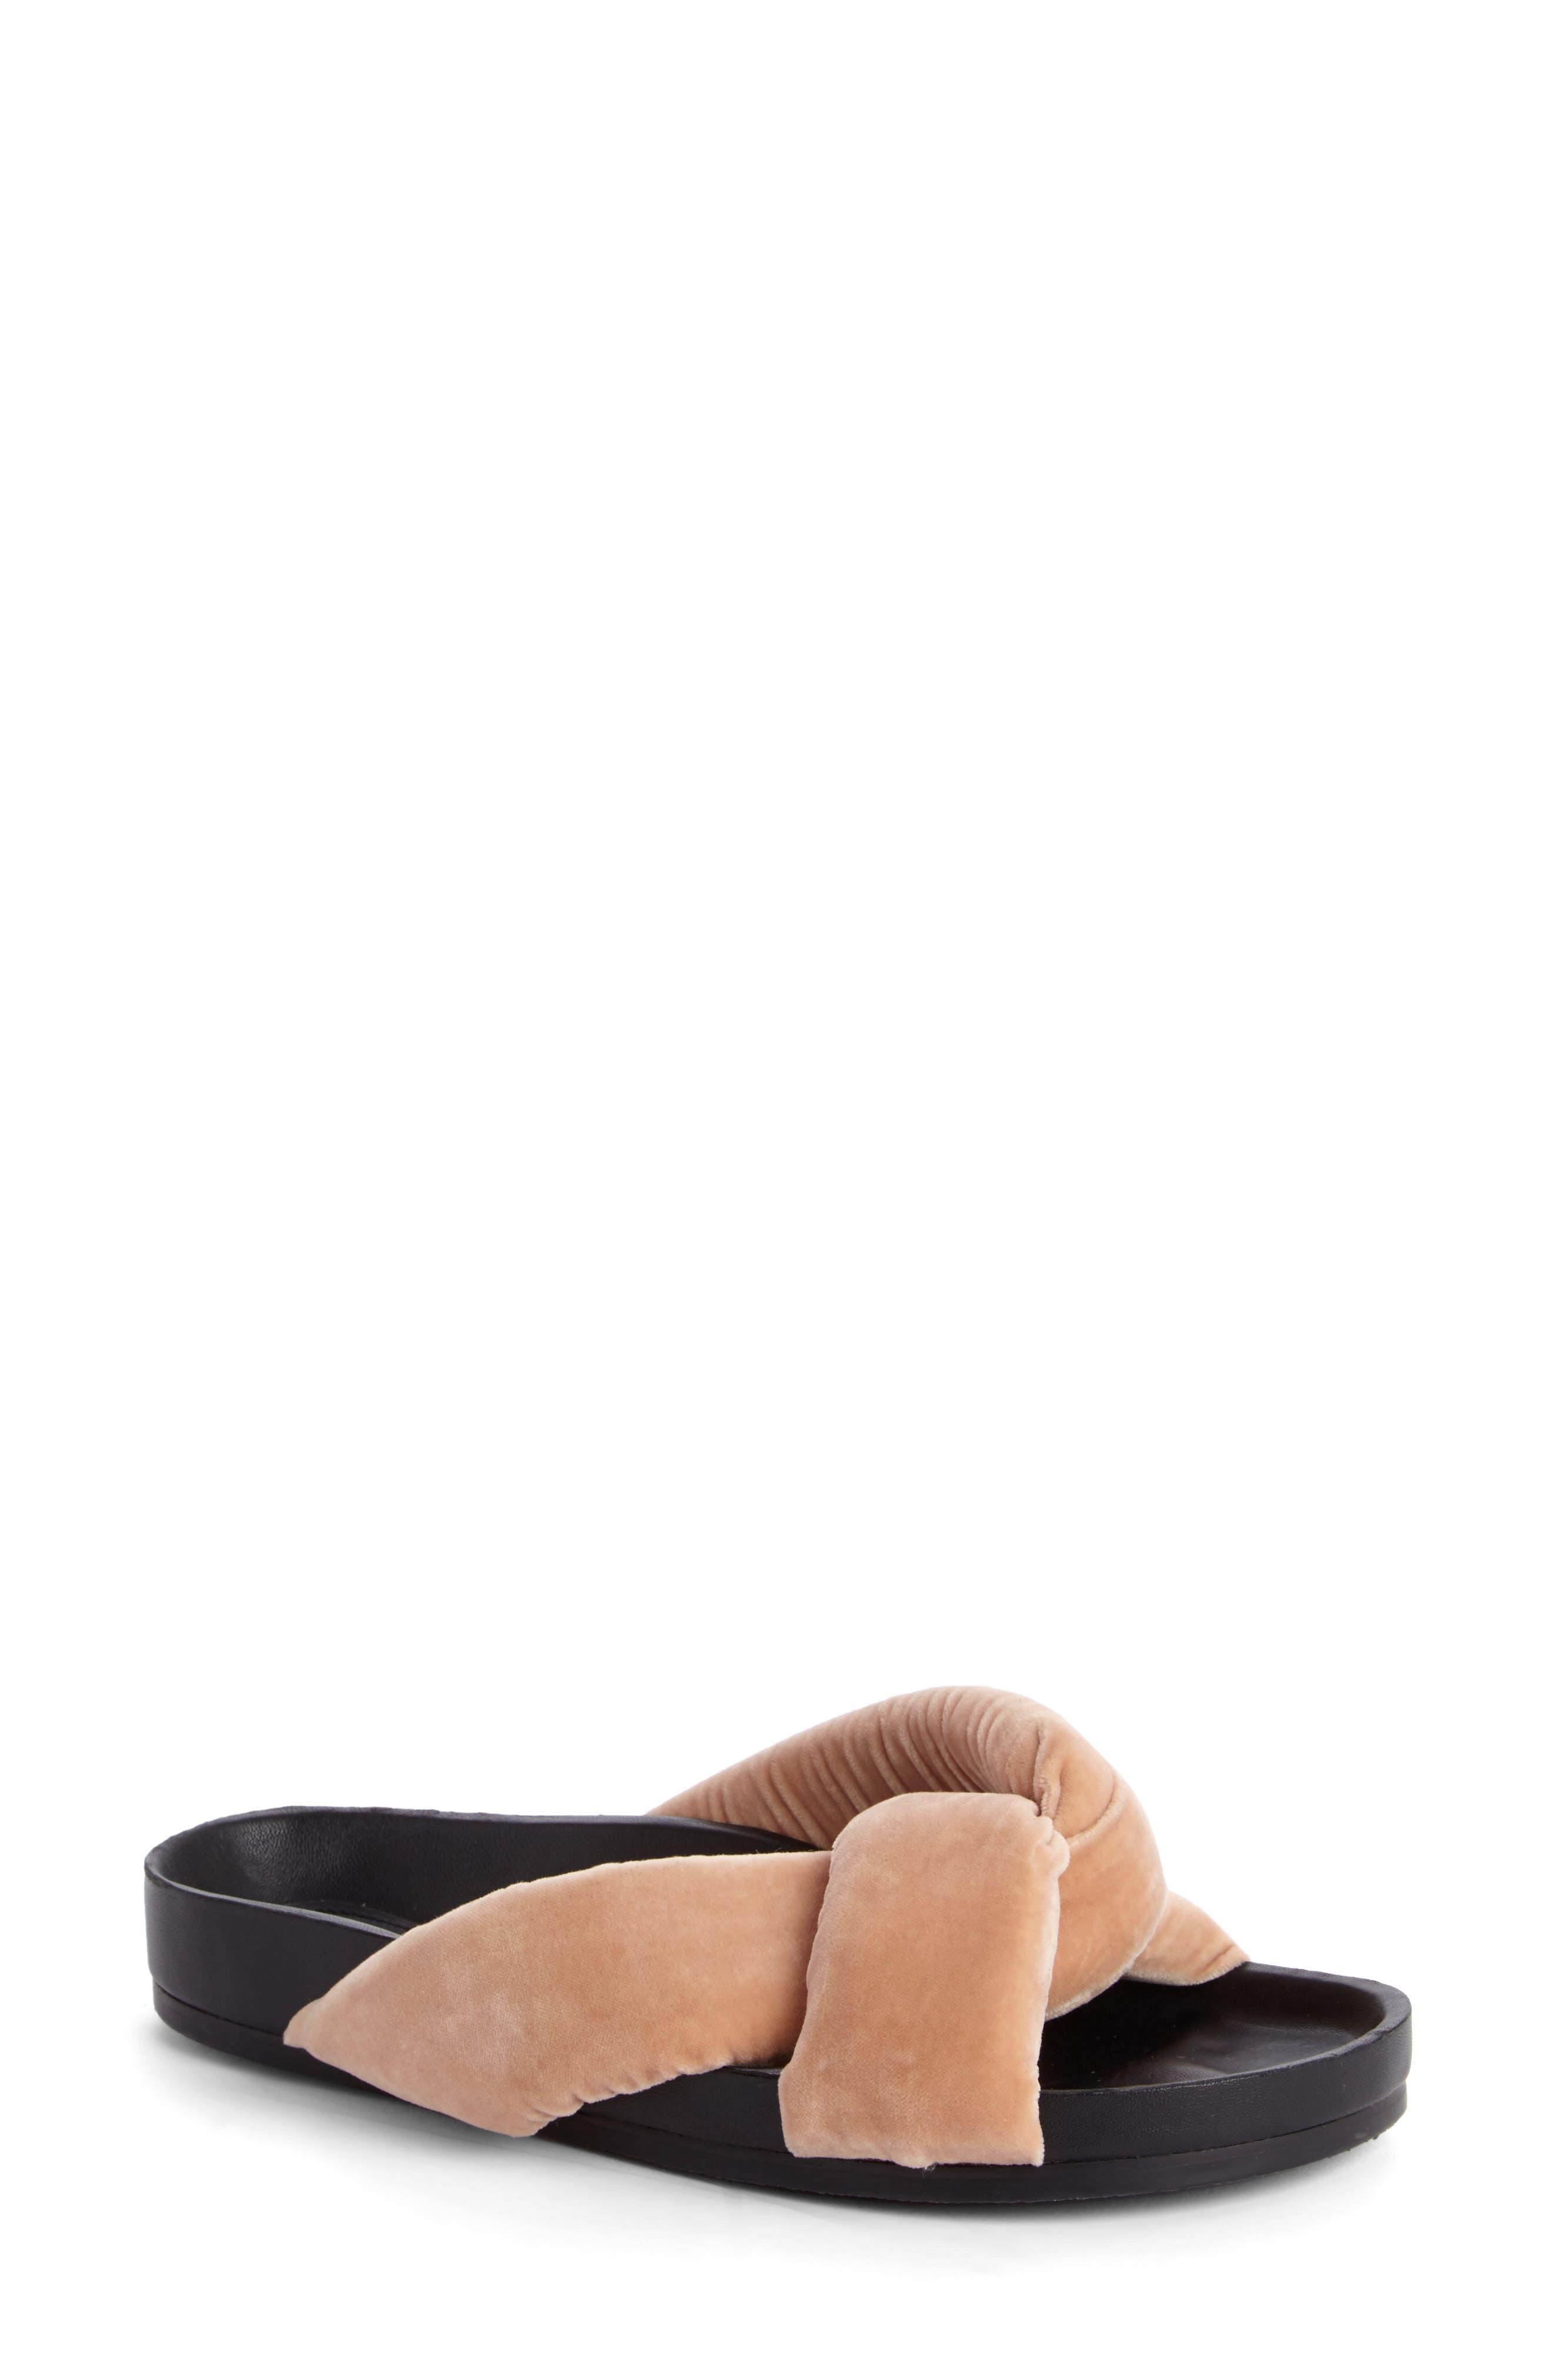 CHLOÉ Nolan Crisscross Slide Sandal